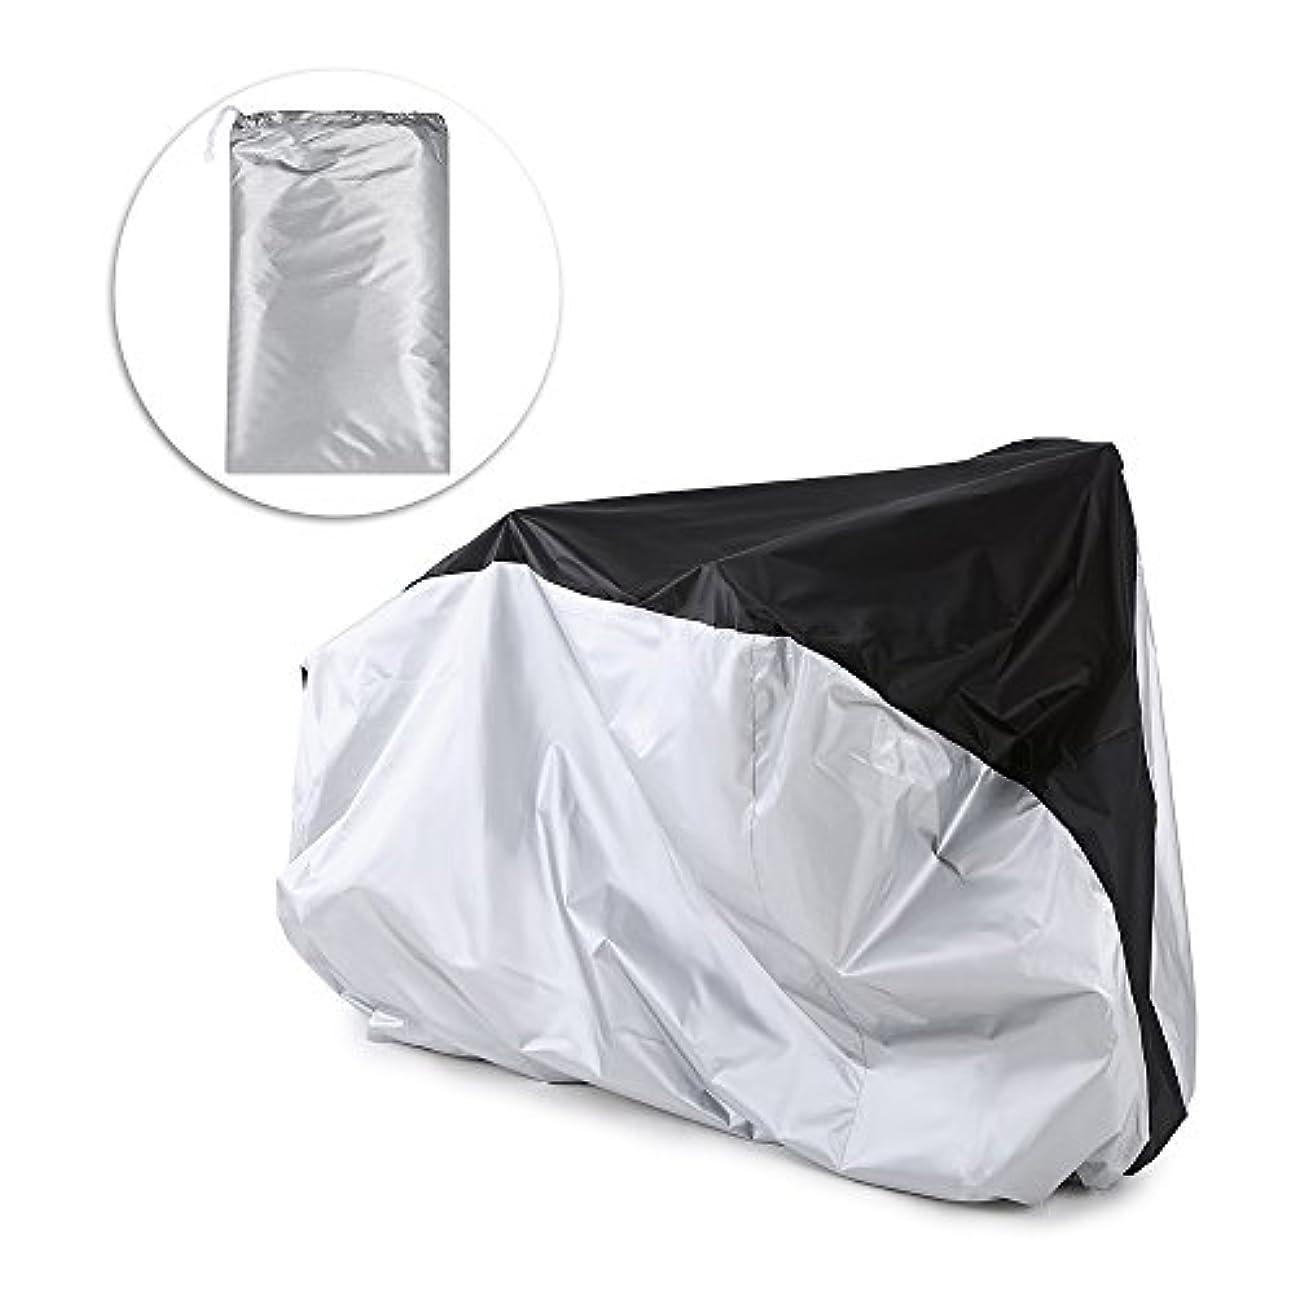 容器マイクロ着替えるLIXADA 自転車カバー サイクルカバー 撥水加工 防盗 UV加工 風飛び防止 破れにくい 子供乗せ 後ろ 収納袋付き